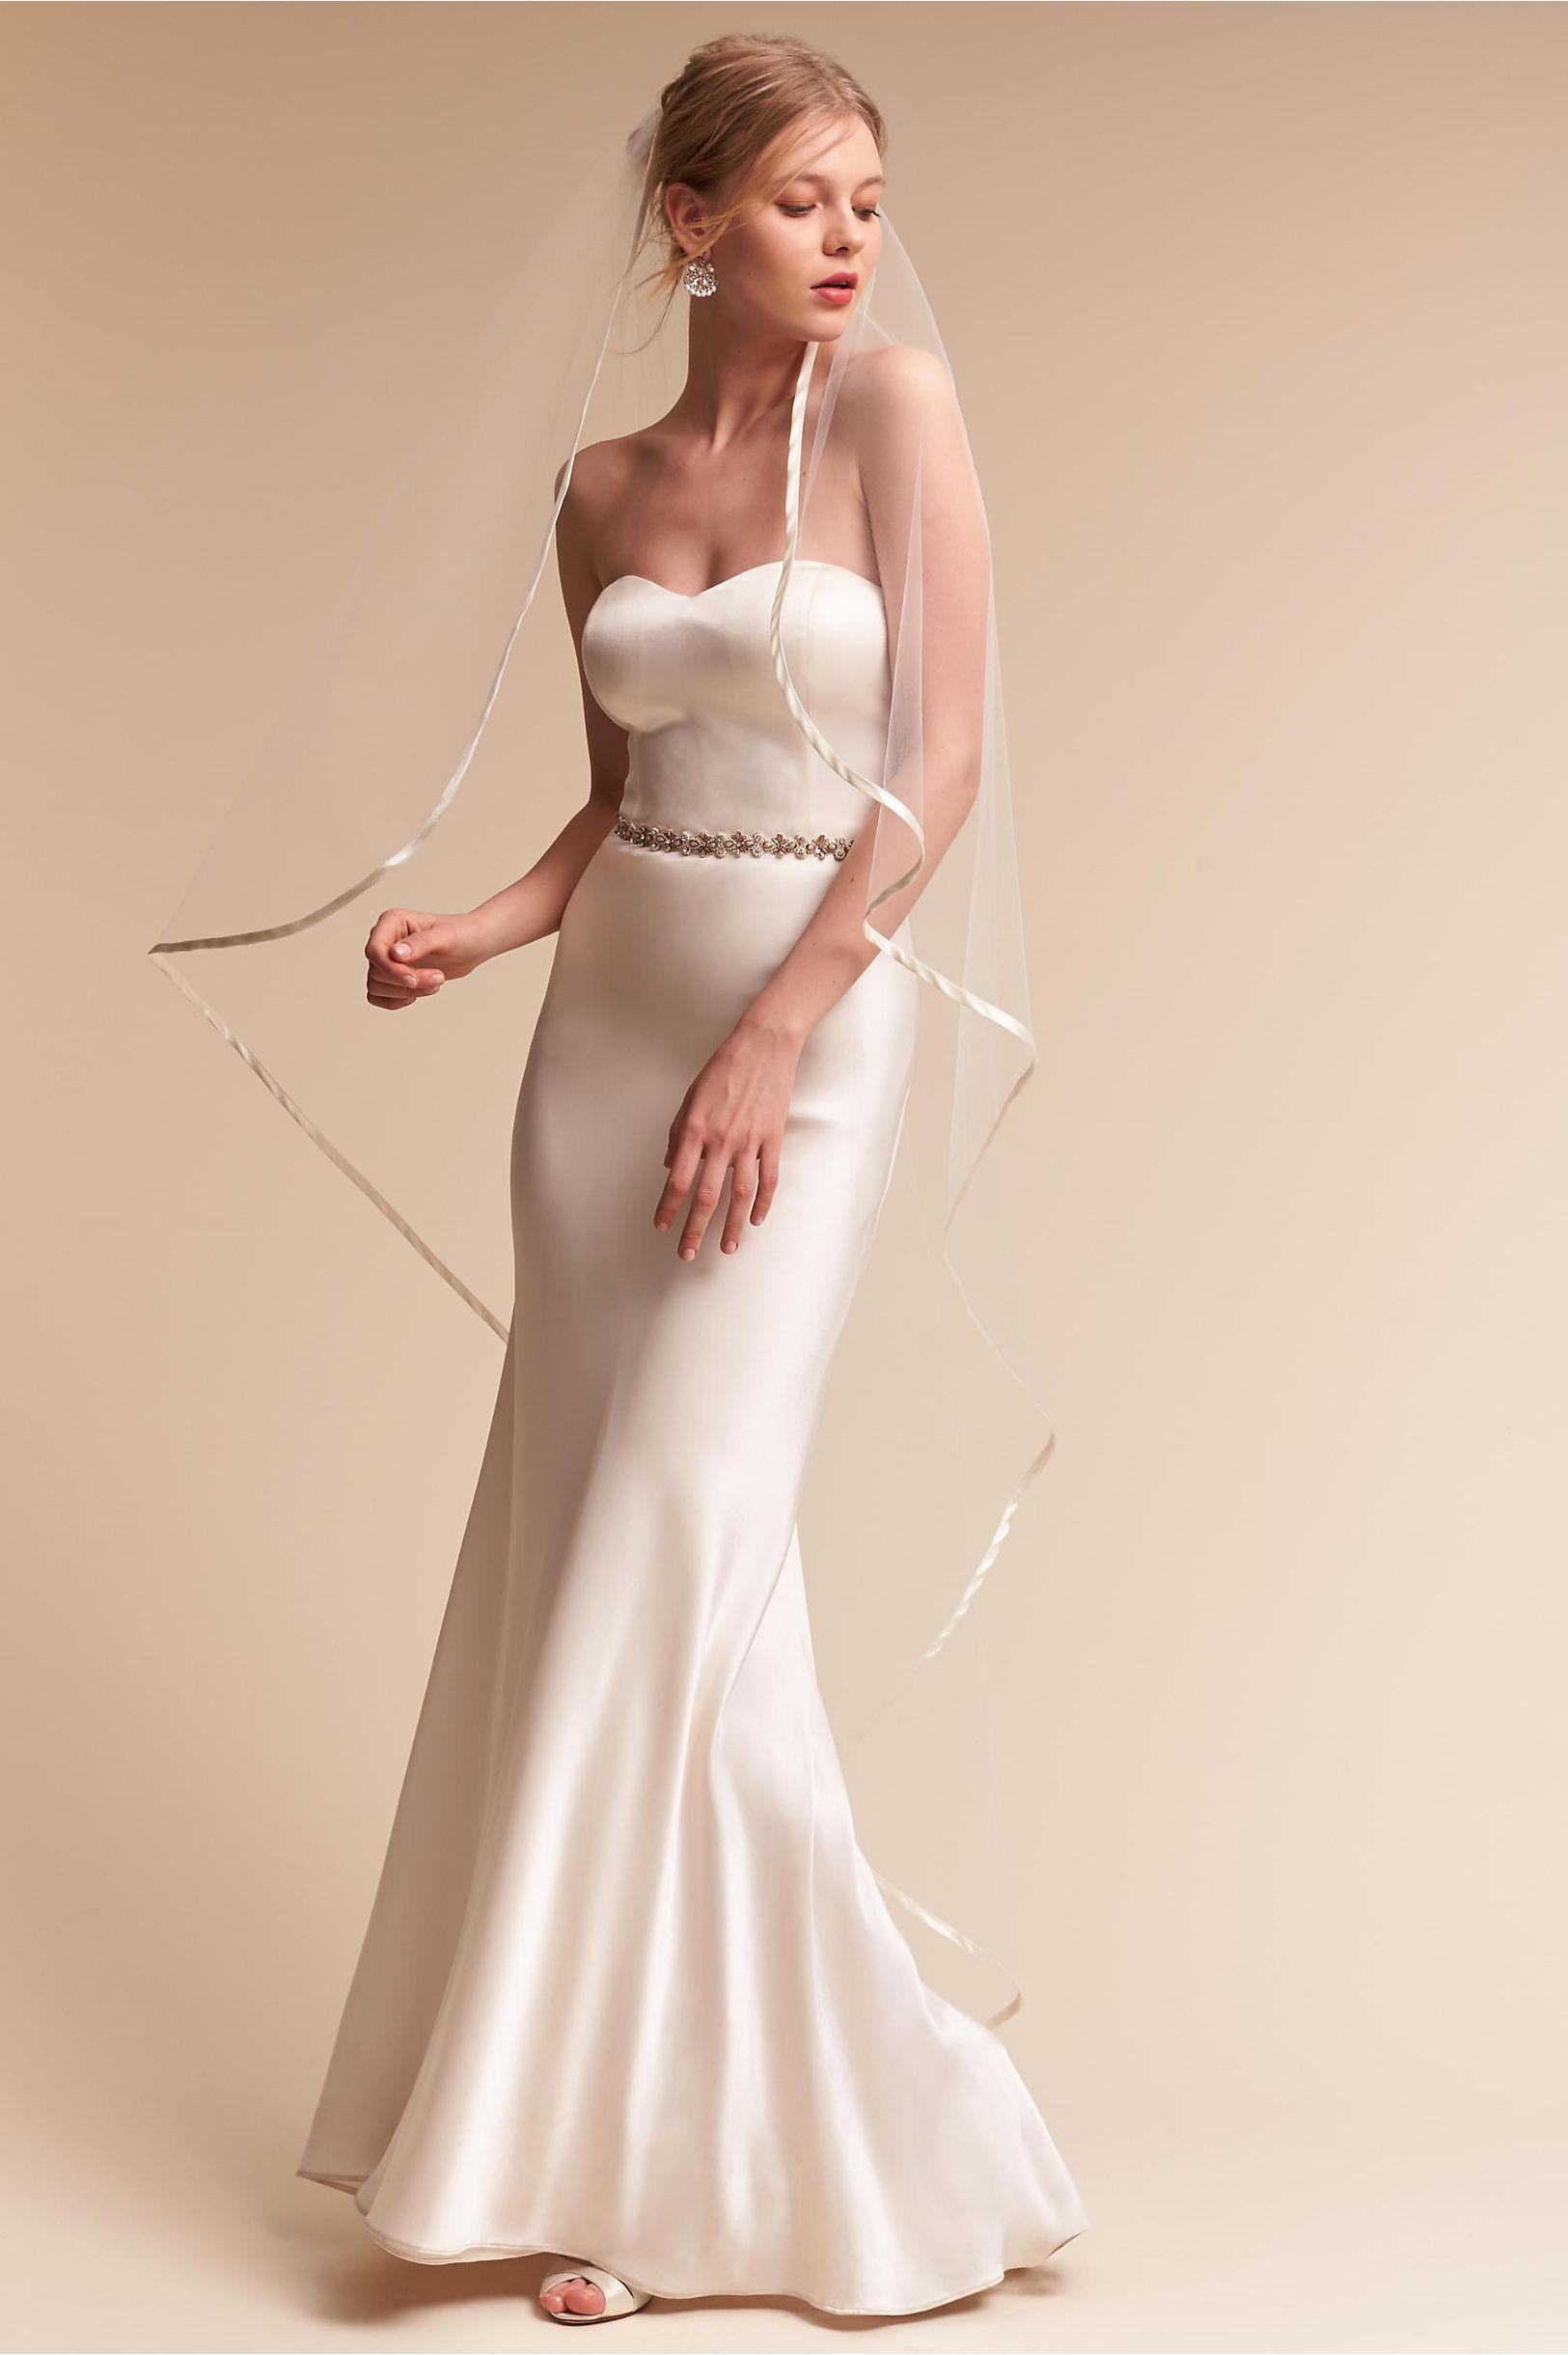 Lace Wedding Veils | All Veils | BHLDN